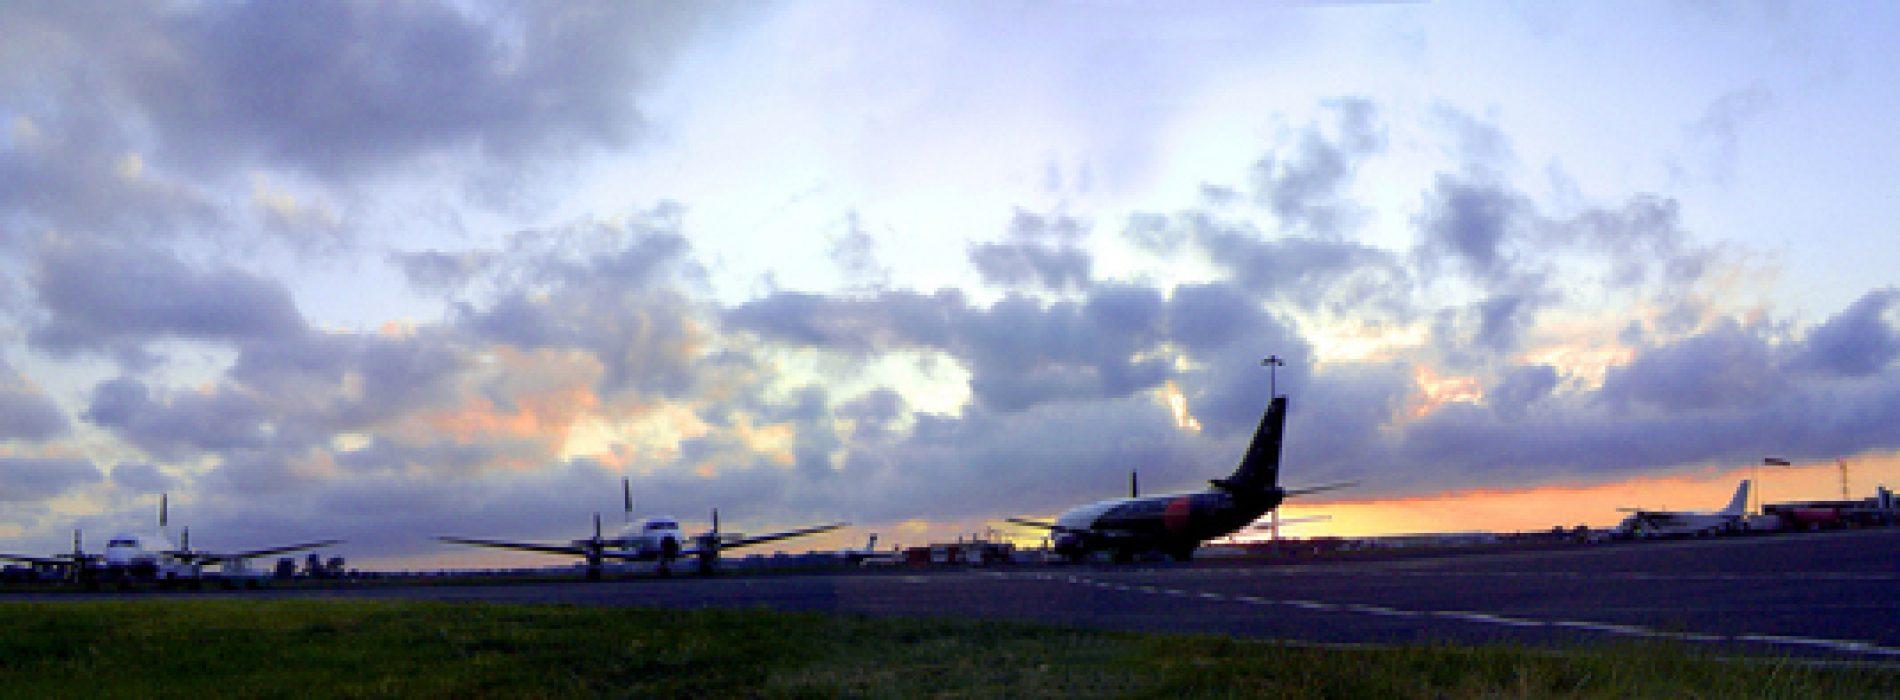 Politici de anulare si modificare ale companiilor aeriene în perioada crizei provocate de virusul corona